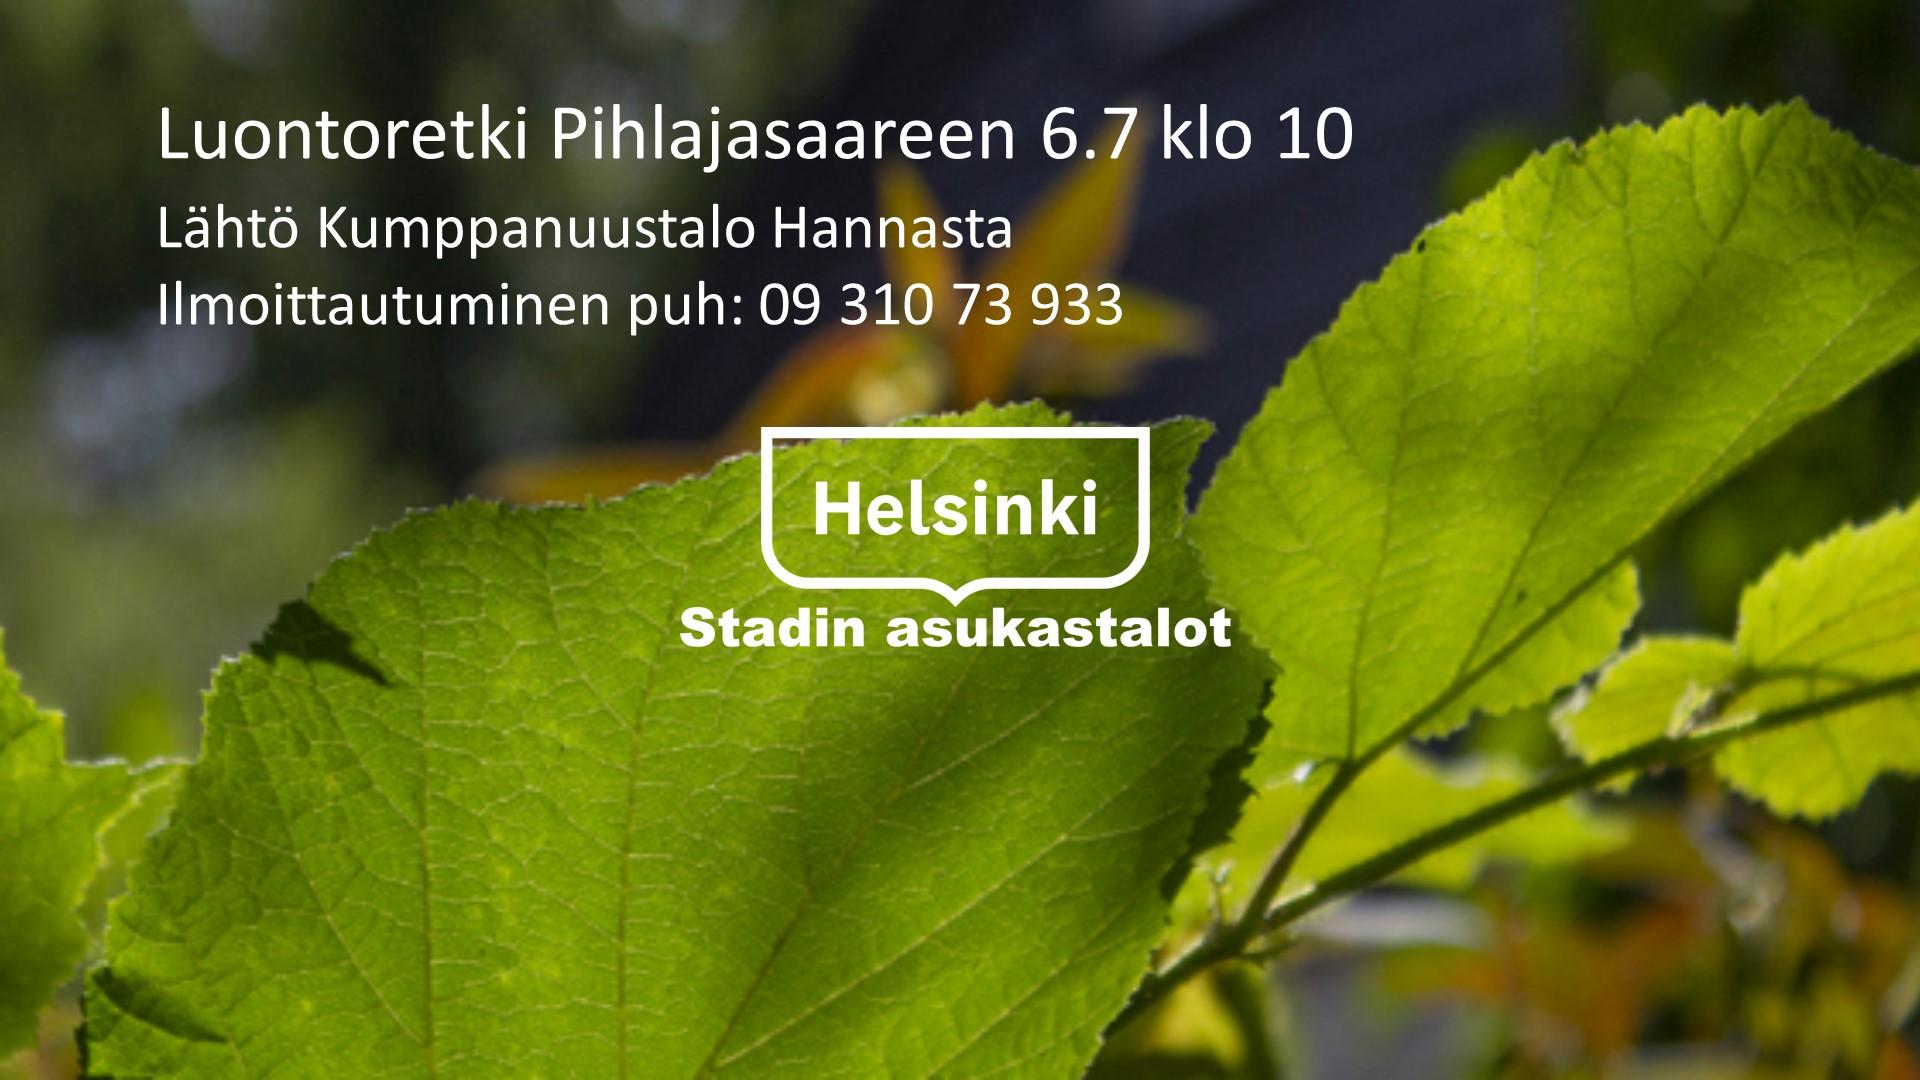 Linkki tapahtumaan Luontoretki Pihlajasaareen 6.7 klo 10